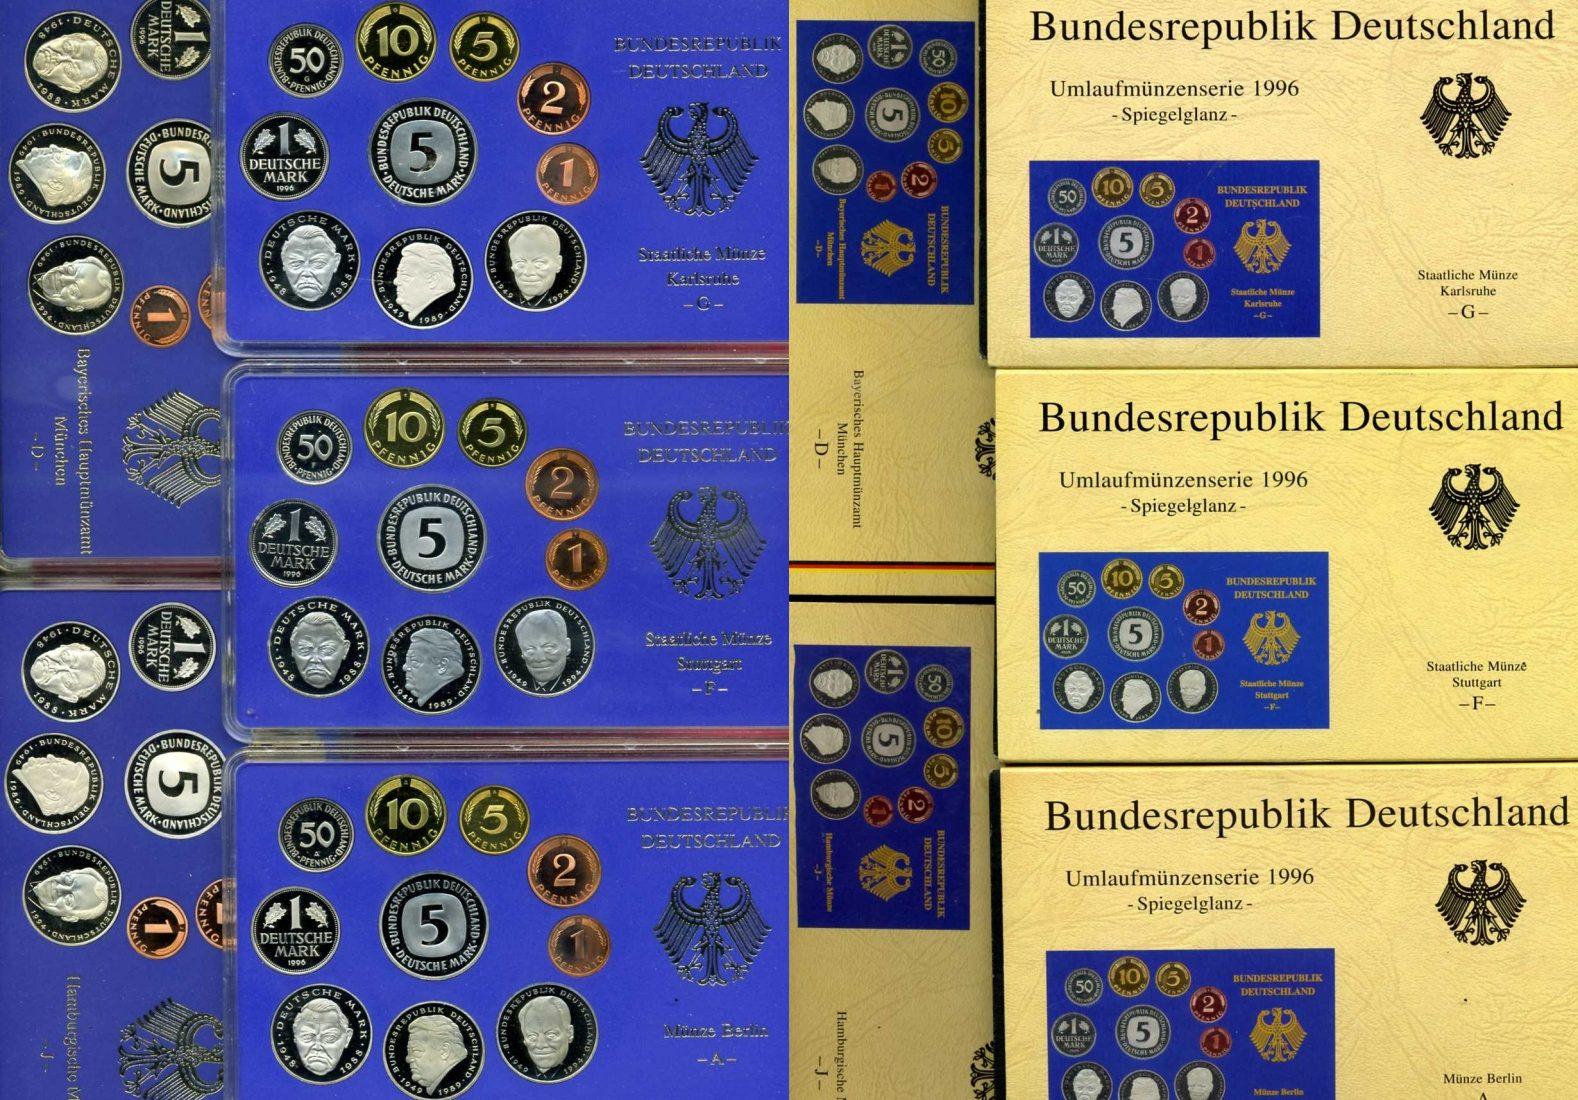 DM Kursmünzensatz komplett 5 Platten 1996 Bundesrepublik Deutschland Bundesrepublik Deutschland DM Kursmünzensatz KMS 1996 Komplett A D F G J Spiegelglanz / Proof OVP